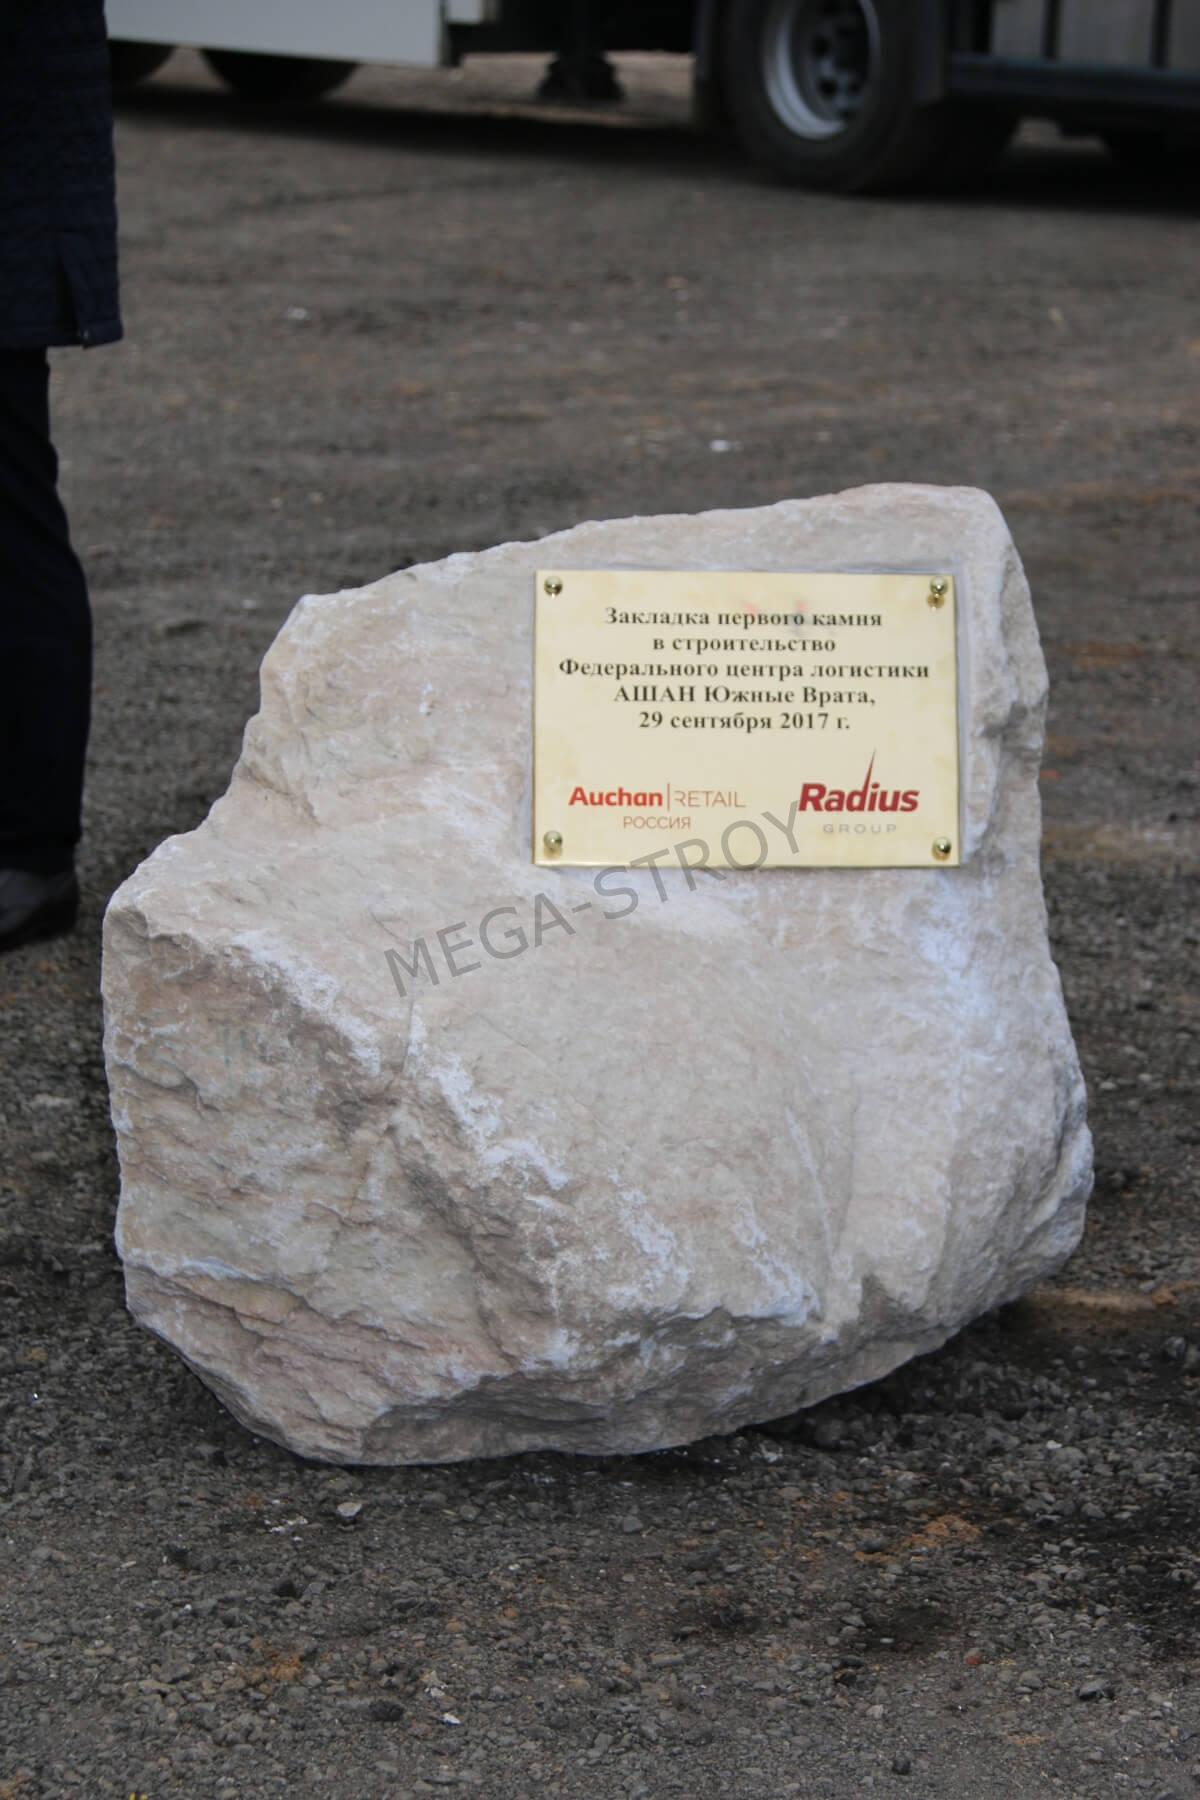 МЕГА-СТРОЙ - заложен первый камень логистического центра «АШАН Южные Врата»